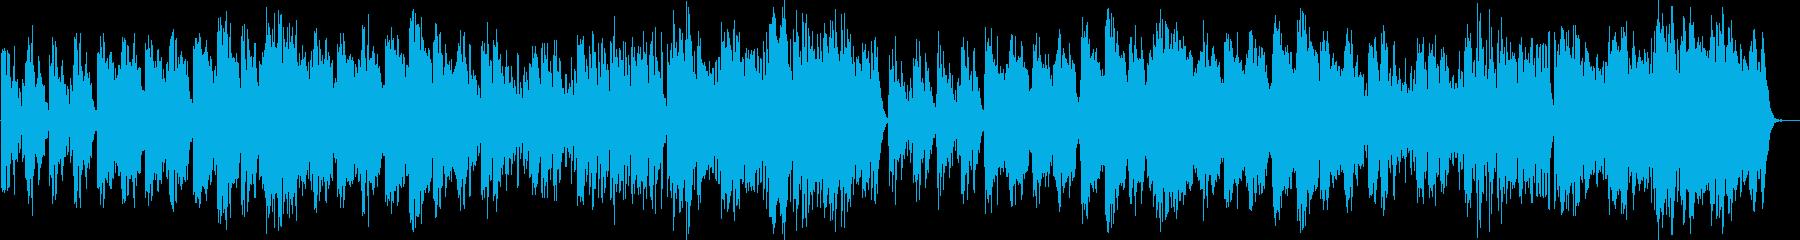 パーカッション抜き版の再生済みの波形